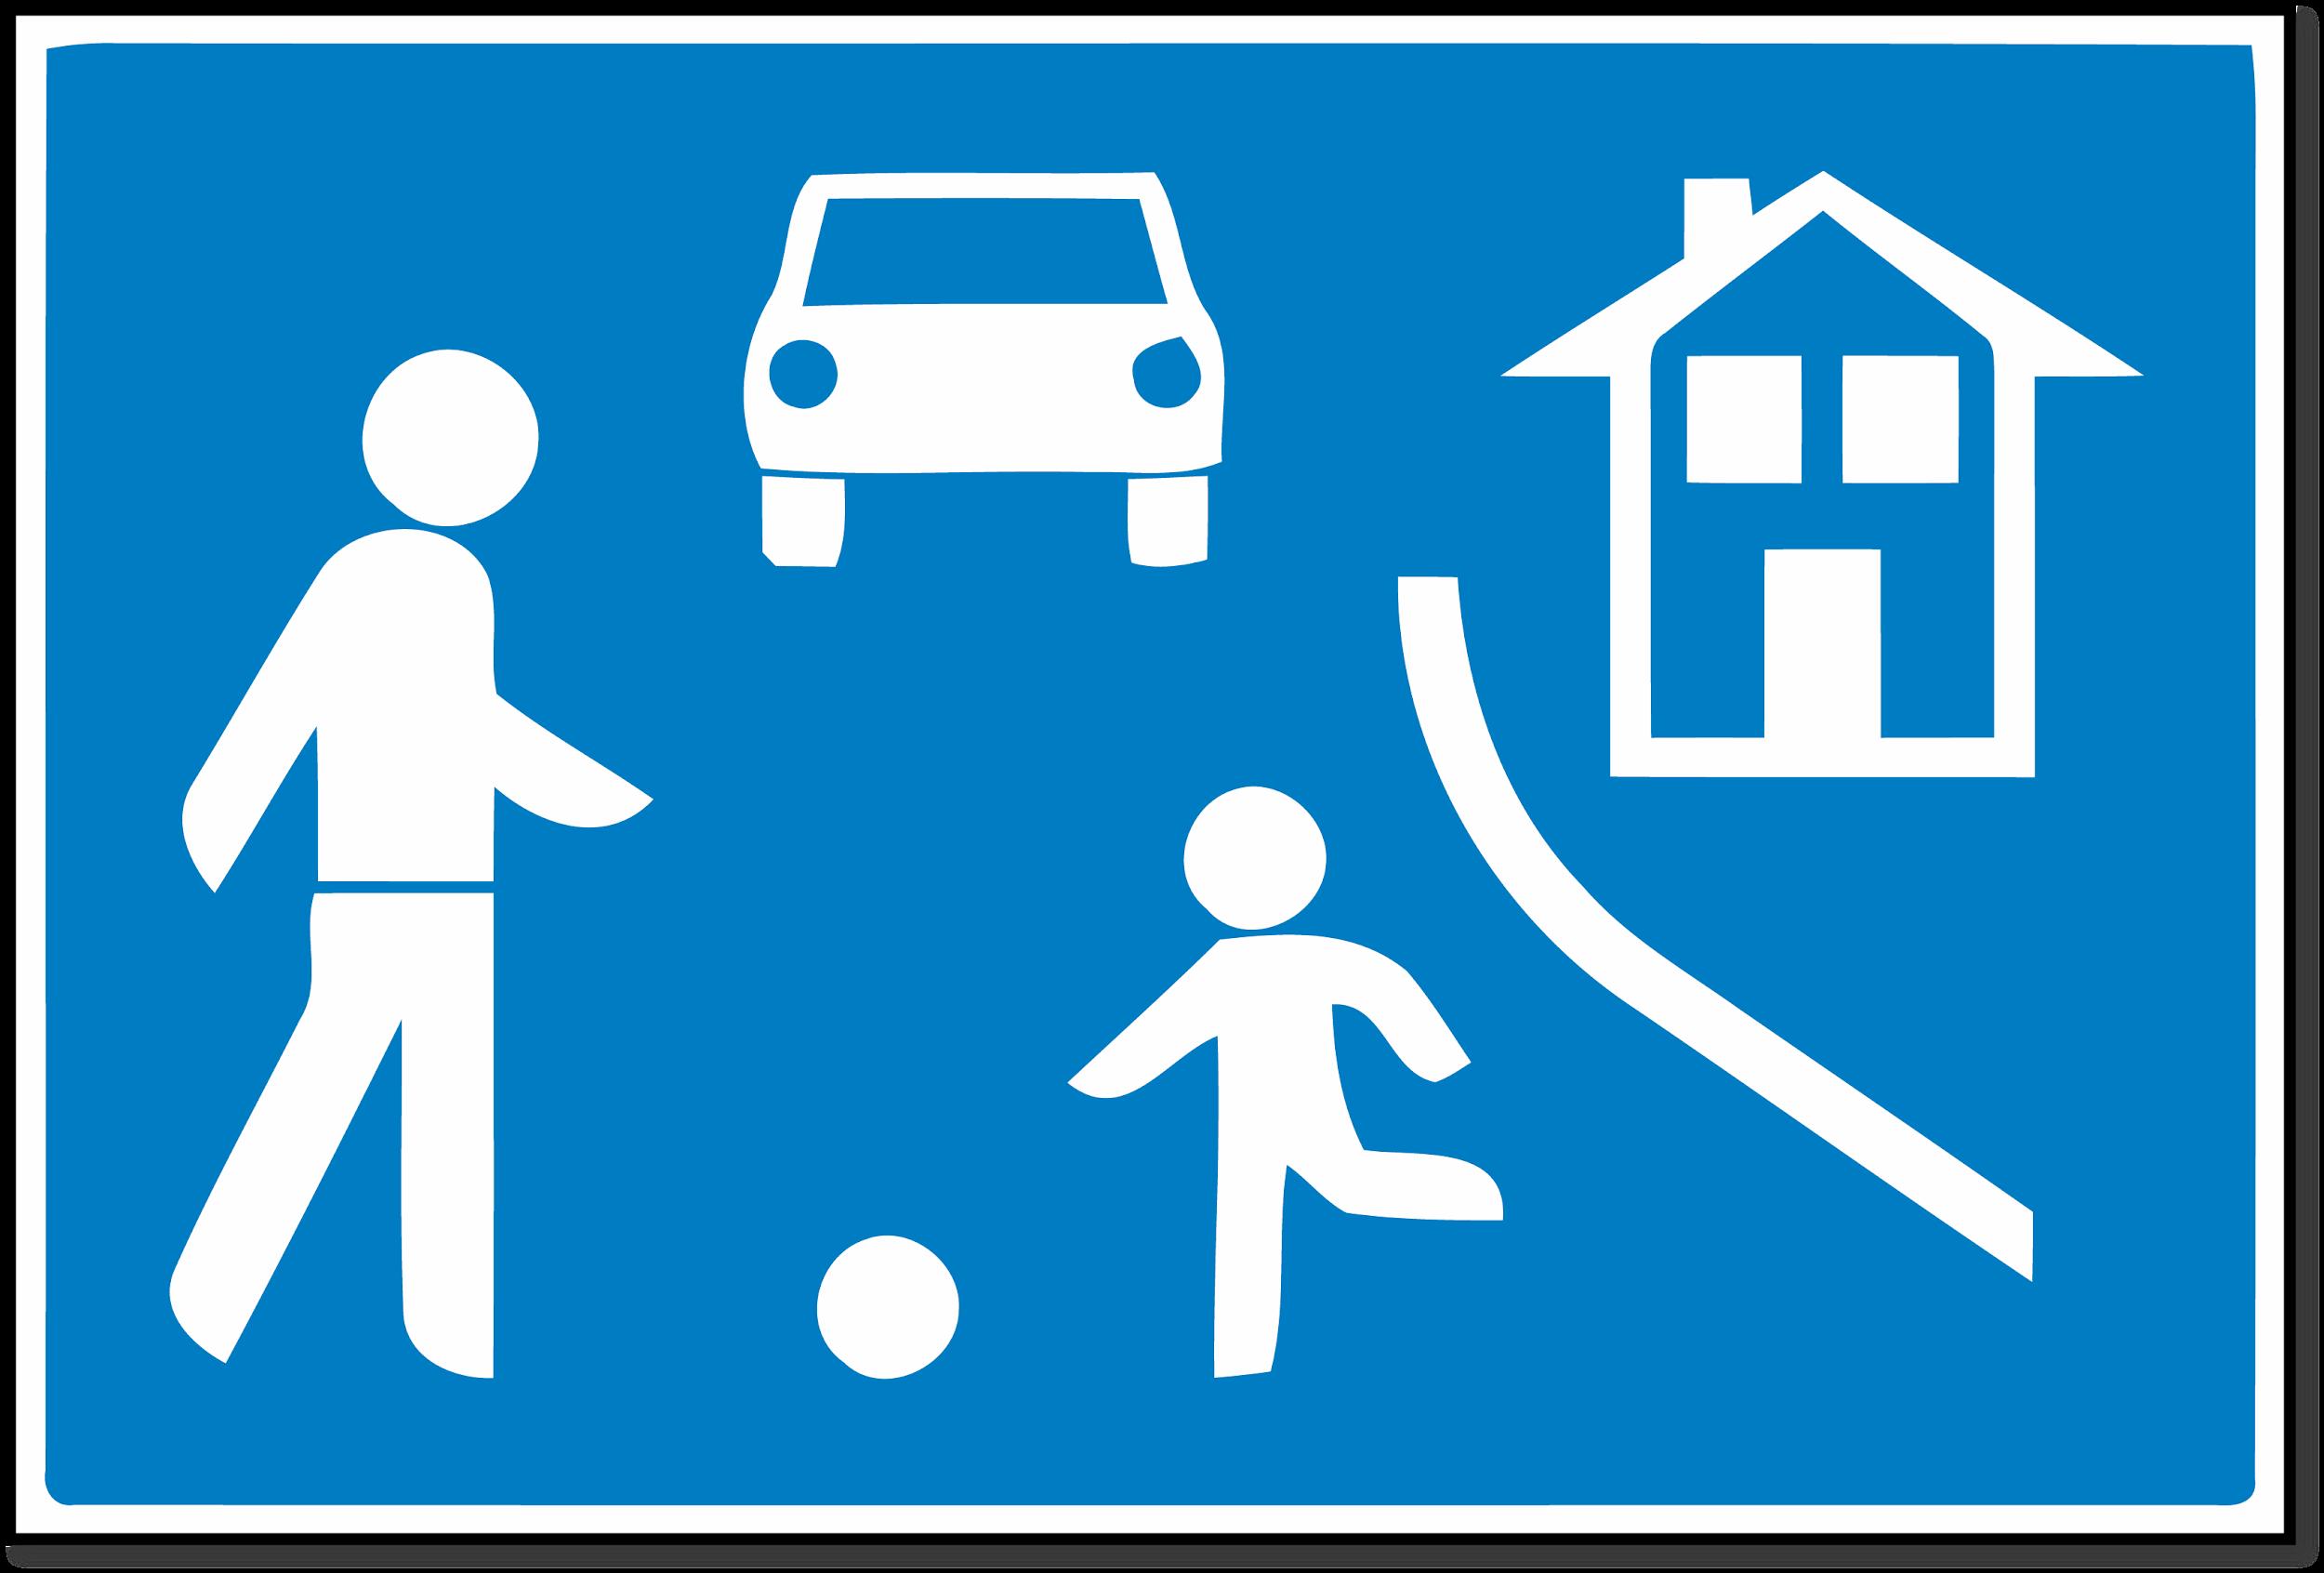 Zone dijeljenog prometa za sigurnije kretanje nakon potresa i korone